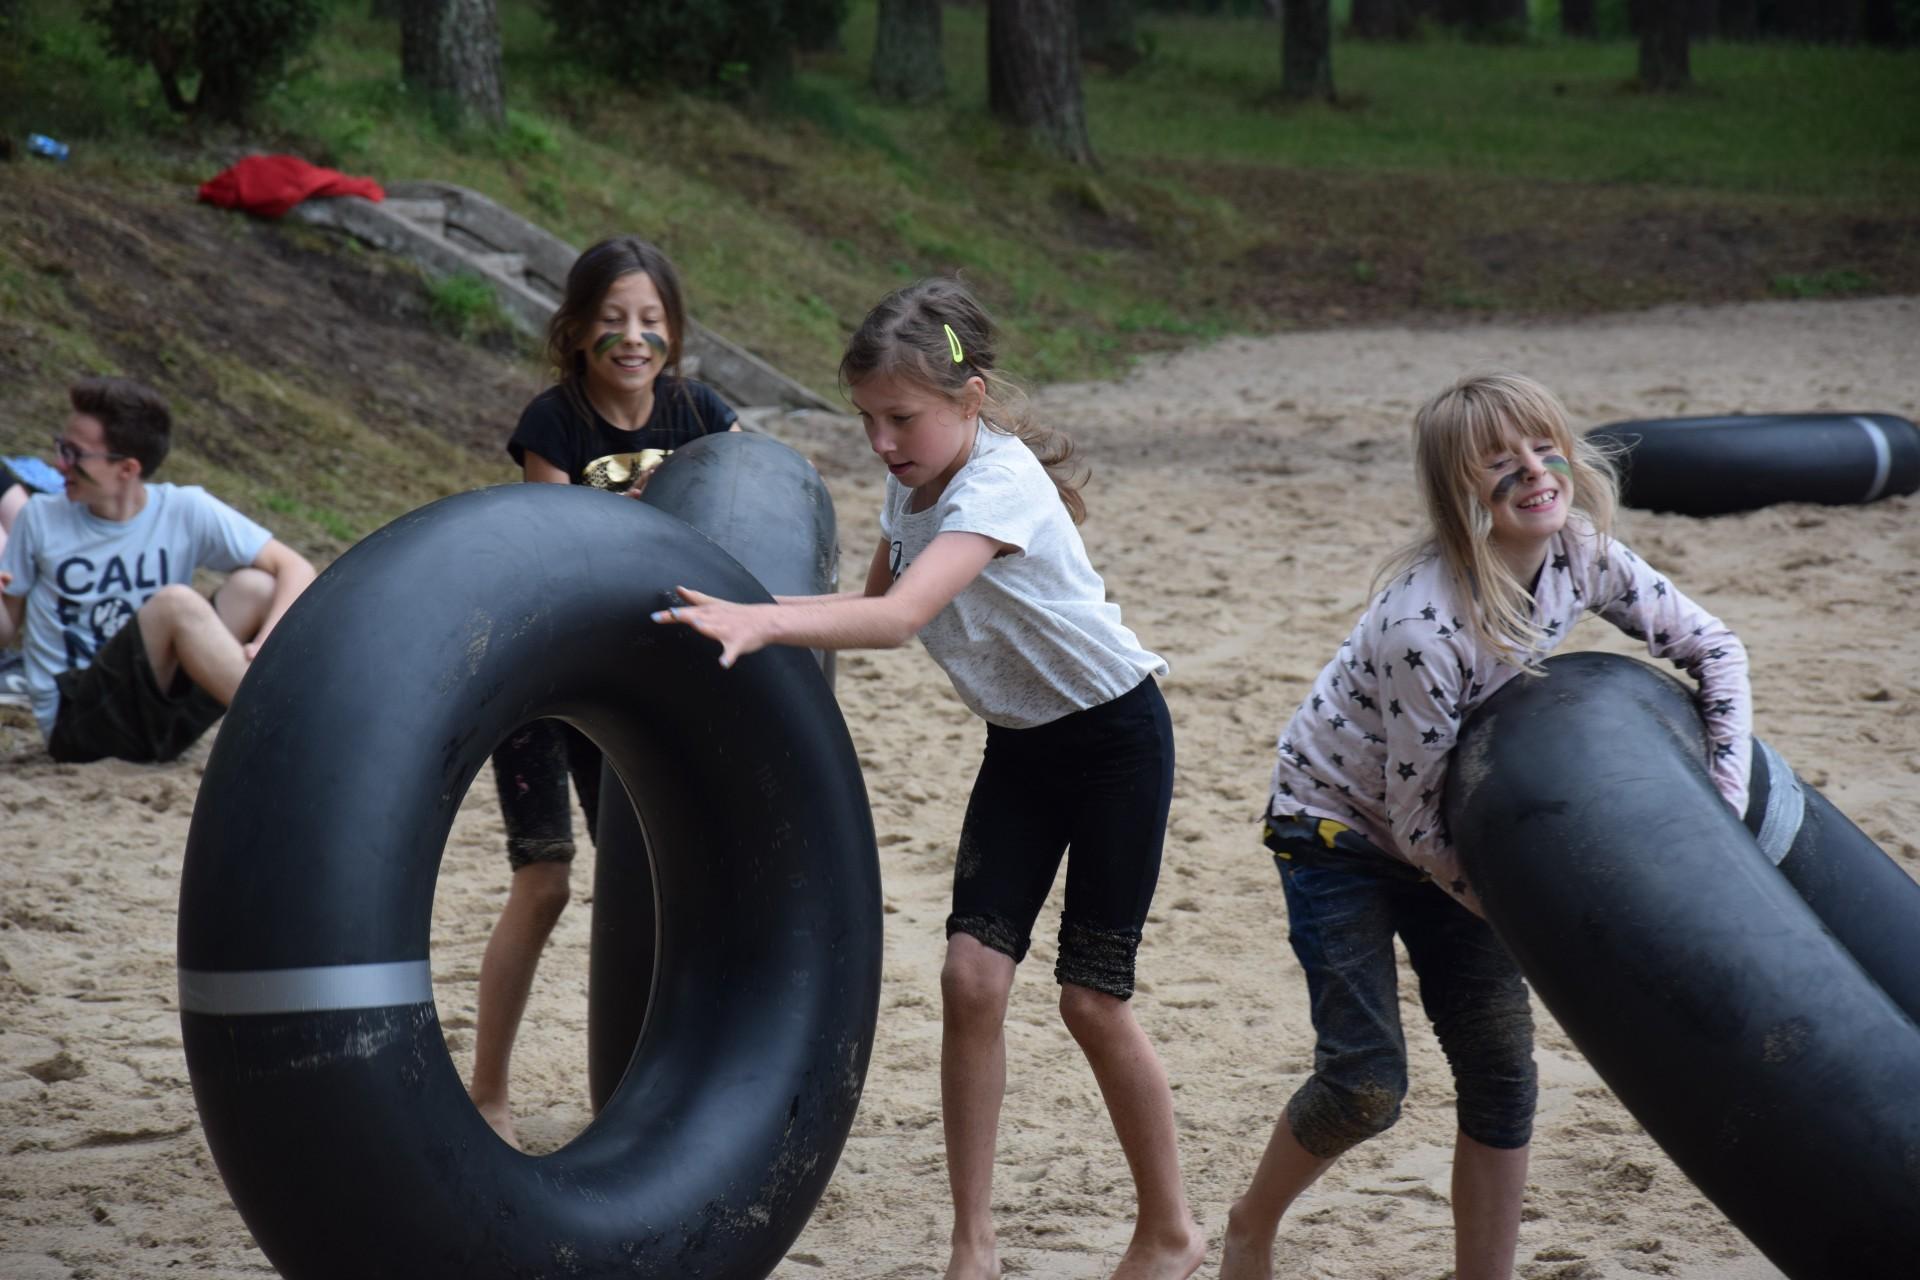 Cukrzyca, celiakia, wakacje. Sport fun - obozy dla dzieci chorych i zdrowych. Fot. Tomasz Słomczyński/Magazyn Kaszuby